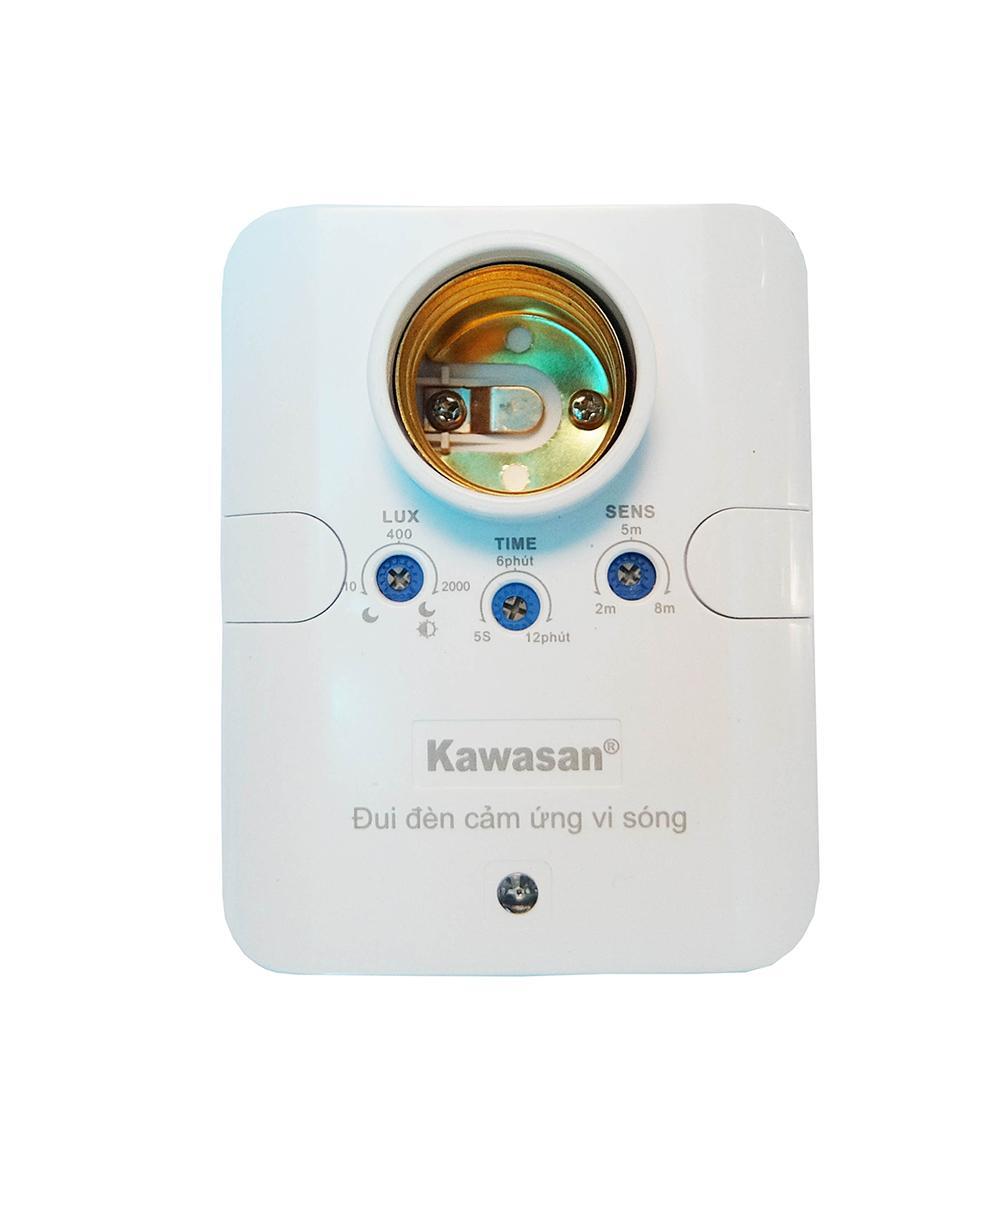 Đui đèn cảm ứng bật tắt tự động vi sóng Kawa RS686B (Công nghệ mới)